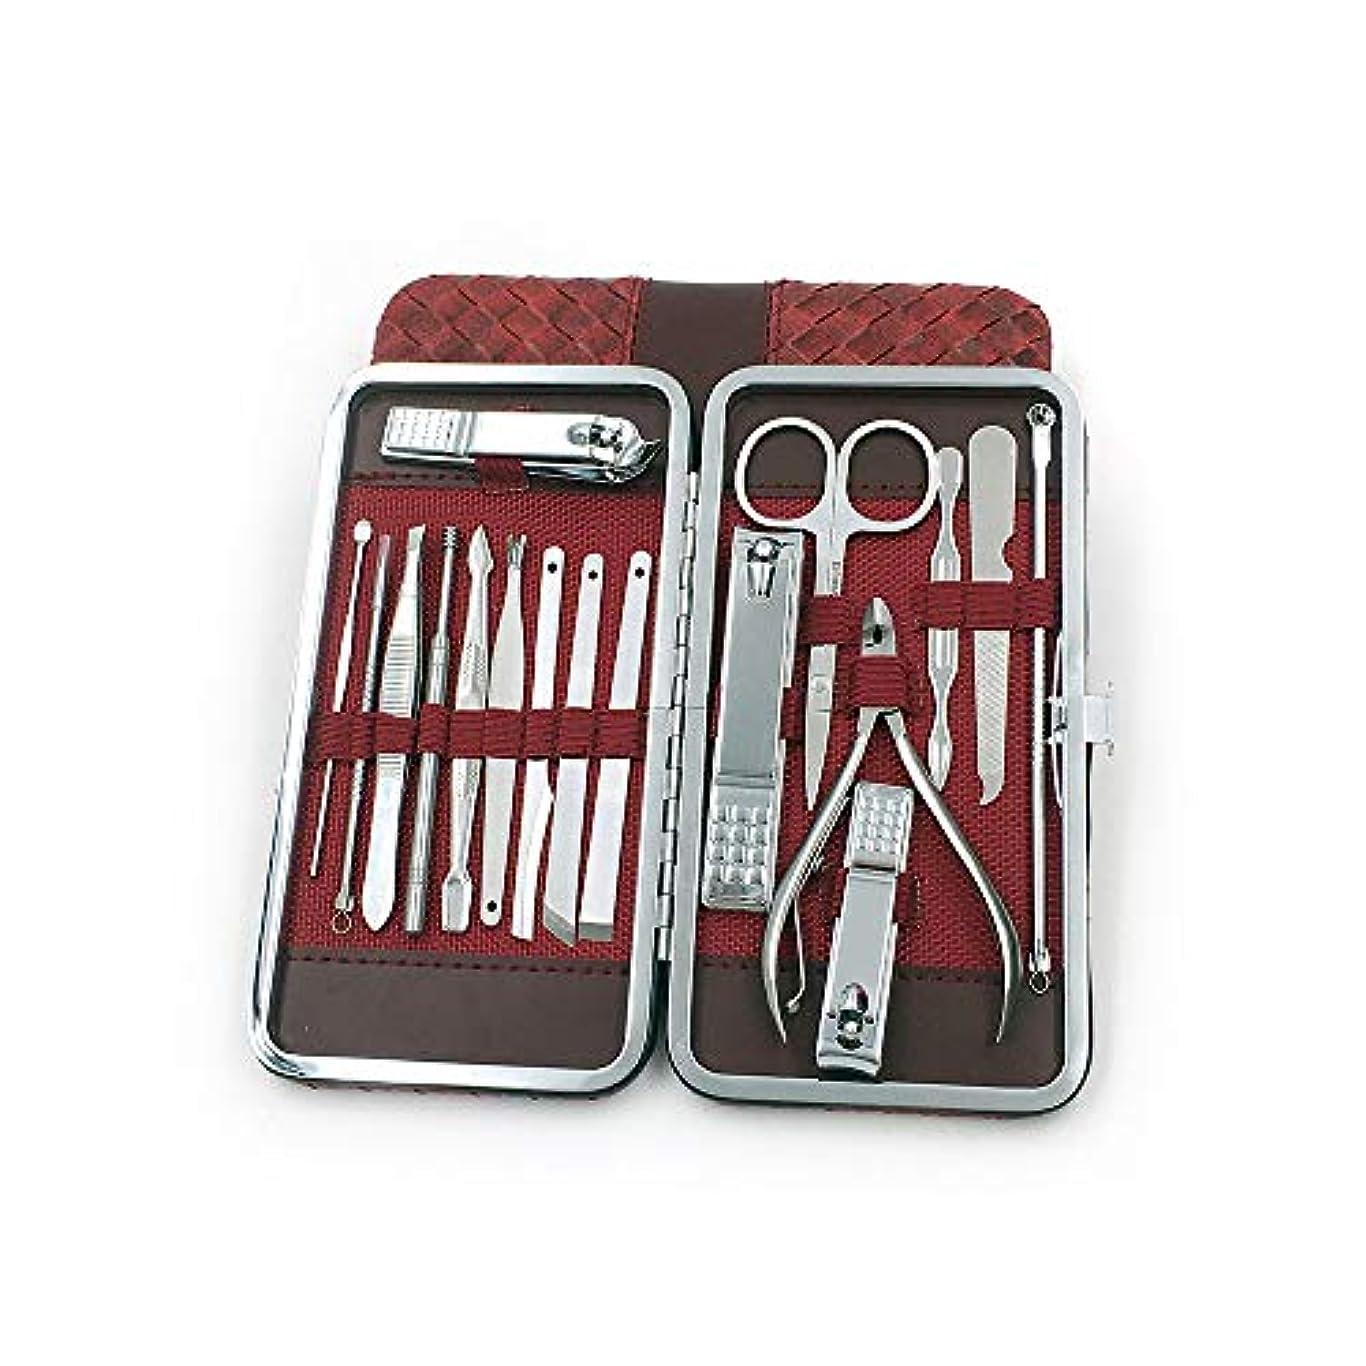 実験室巧みな以内にステンレス爪切りセット携帯便利男女兼用 爪切りセット収納ケース付き、赤、16点セット